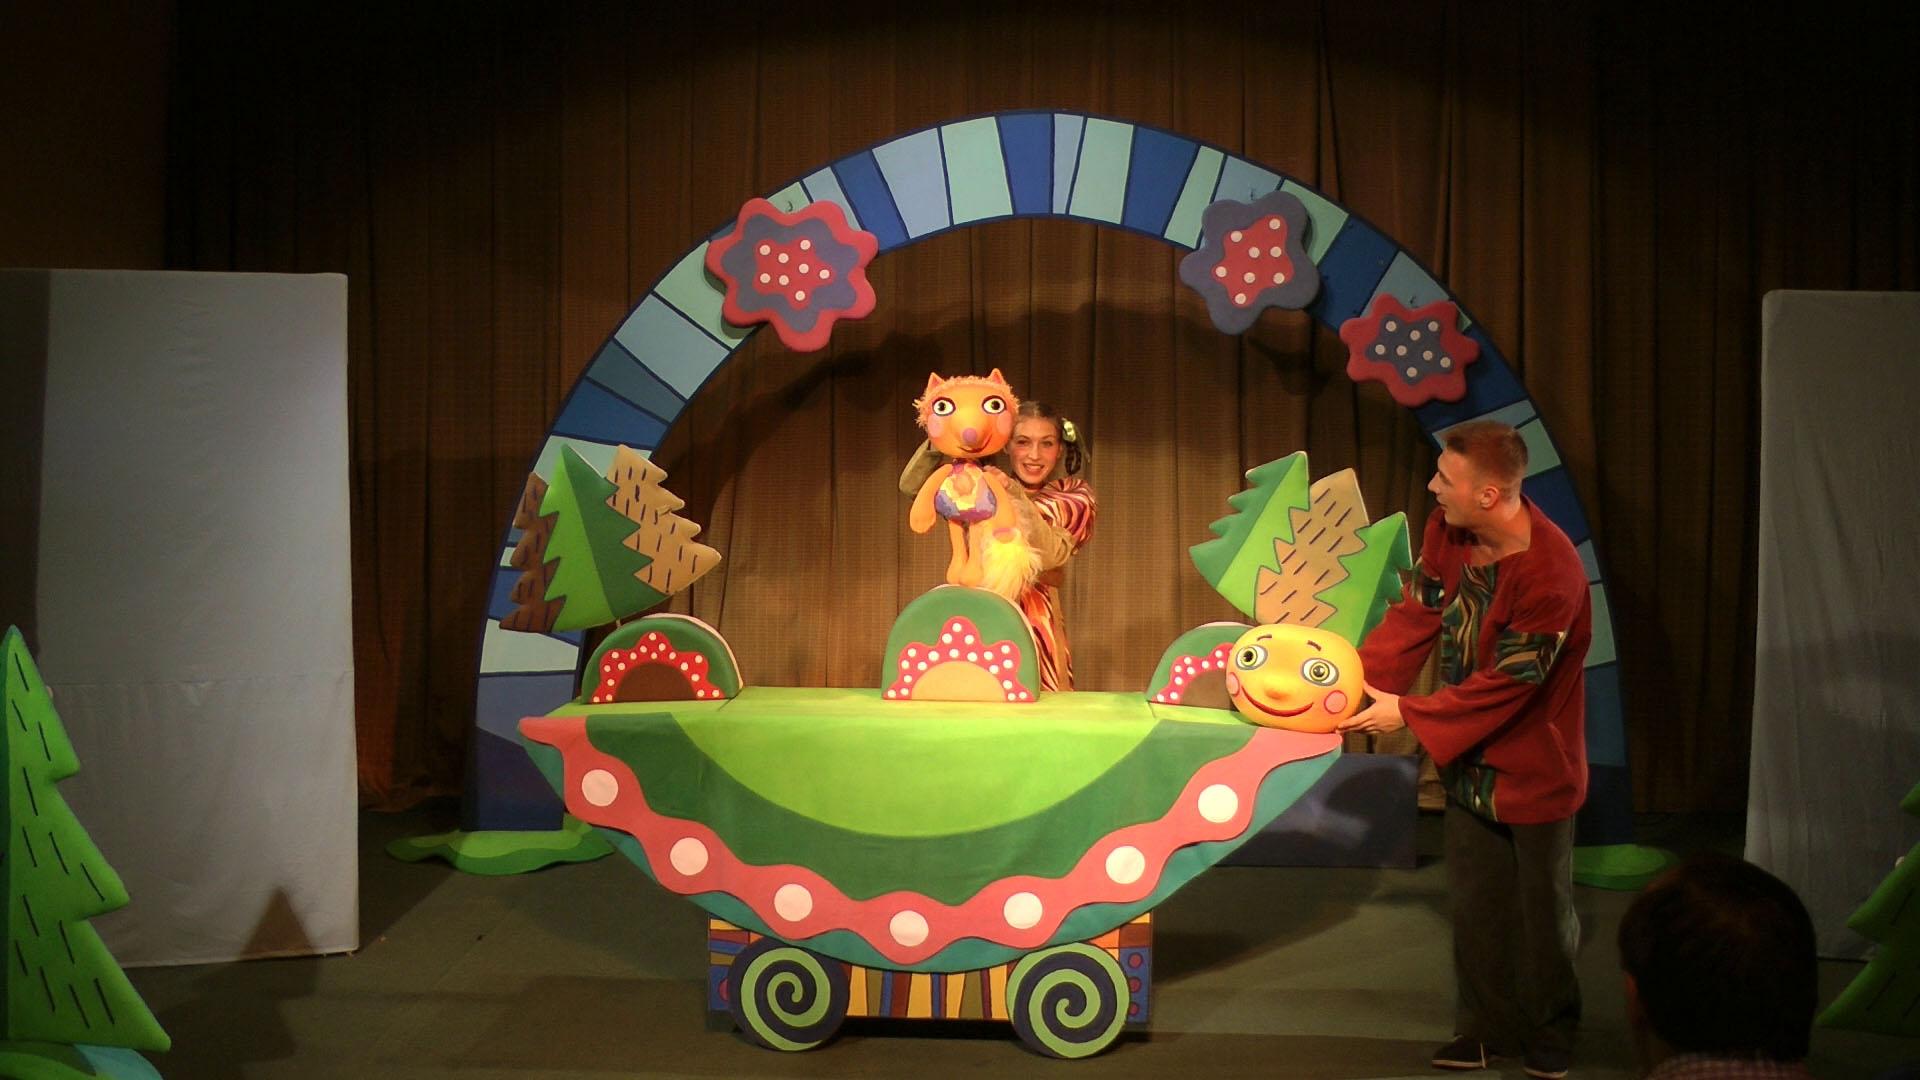 для кукольный театр картинки к сказке колобок они напоминают советскую